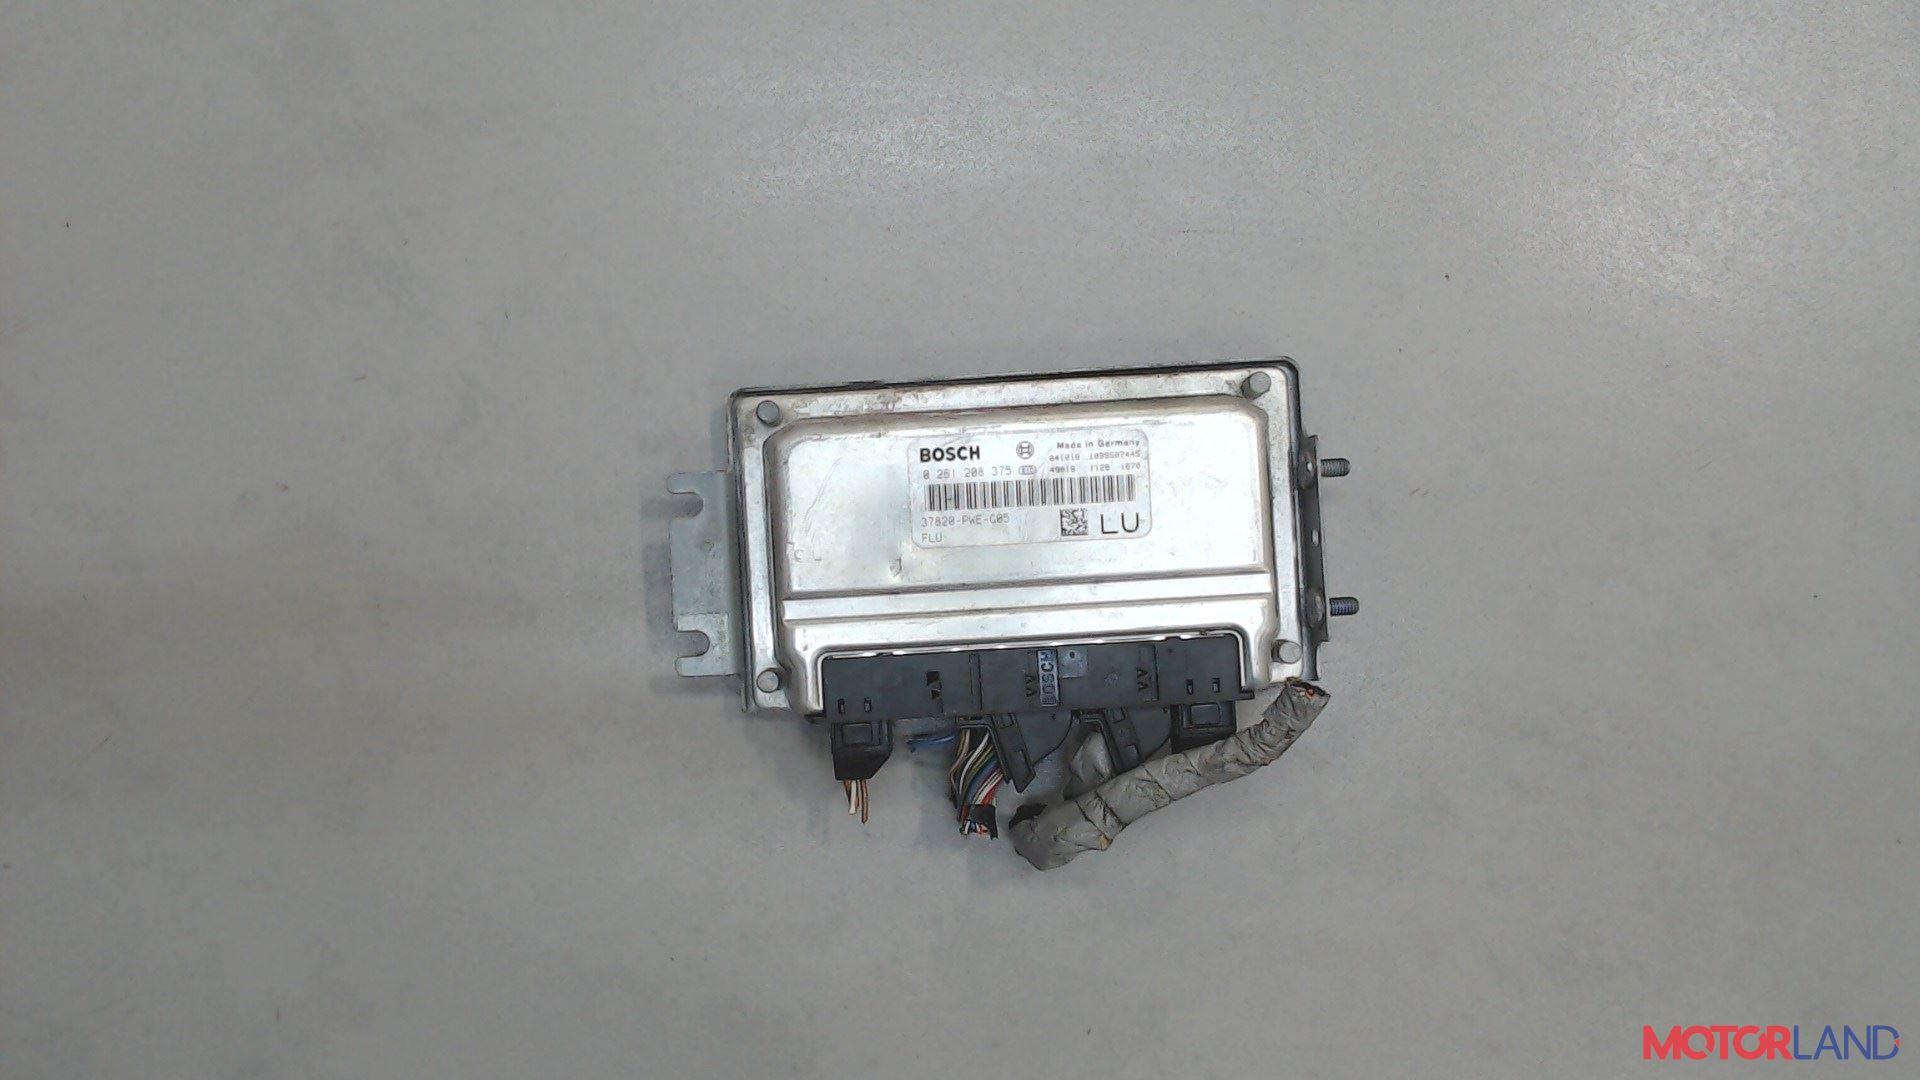 Блок управления (ЭБУ) Honda Jazz 2002-2008 1.3 л. 2004 L13A1 б/у #1